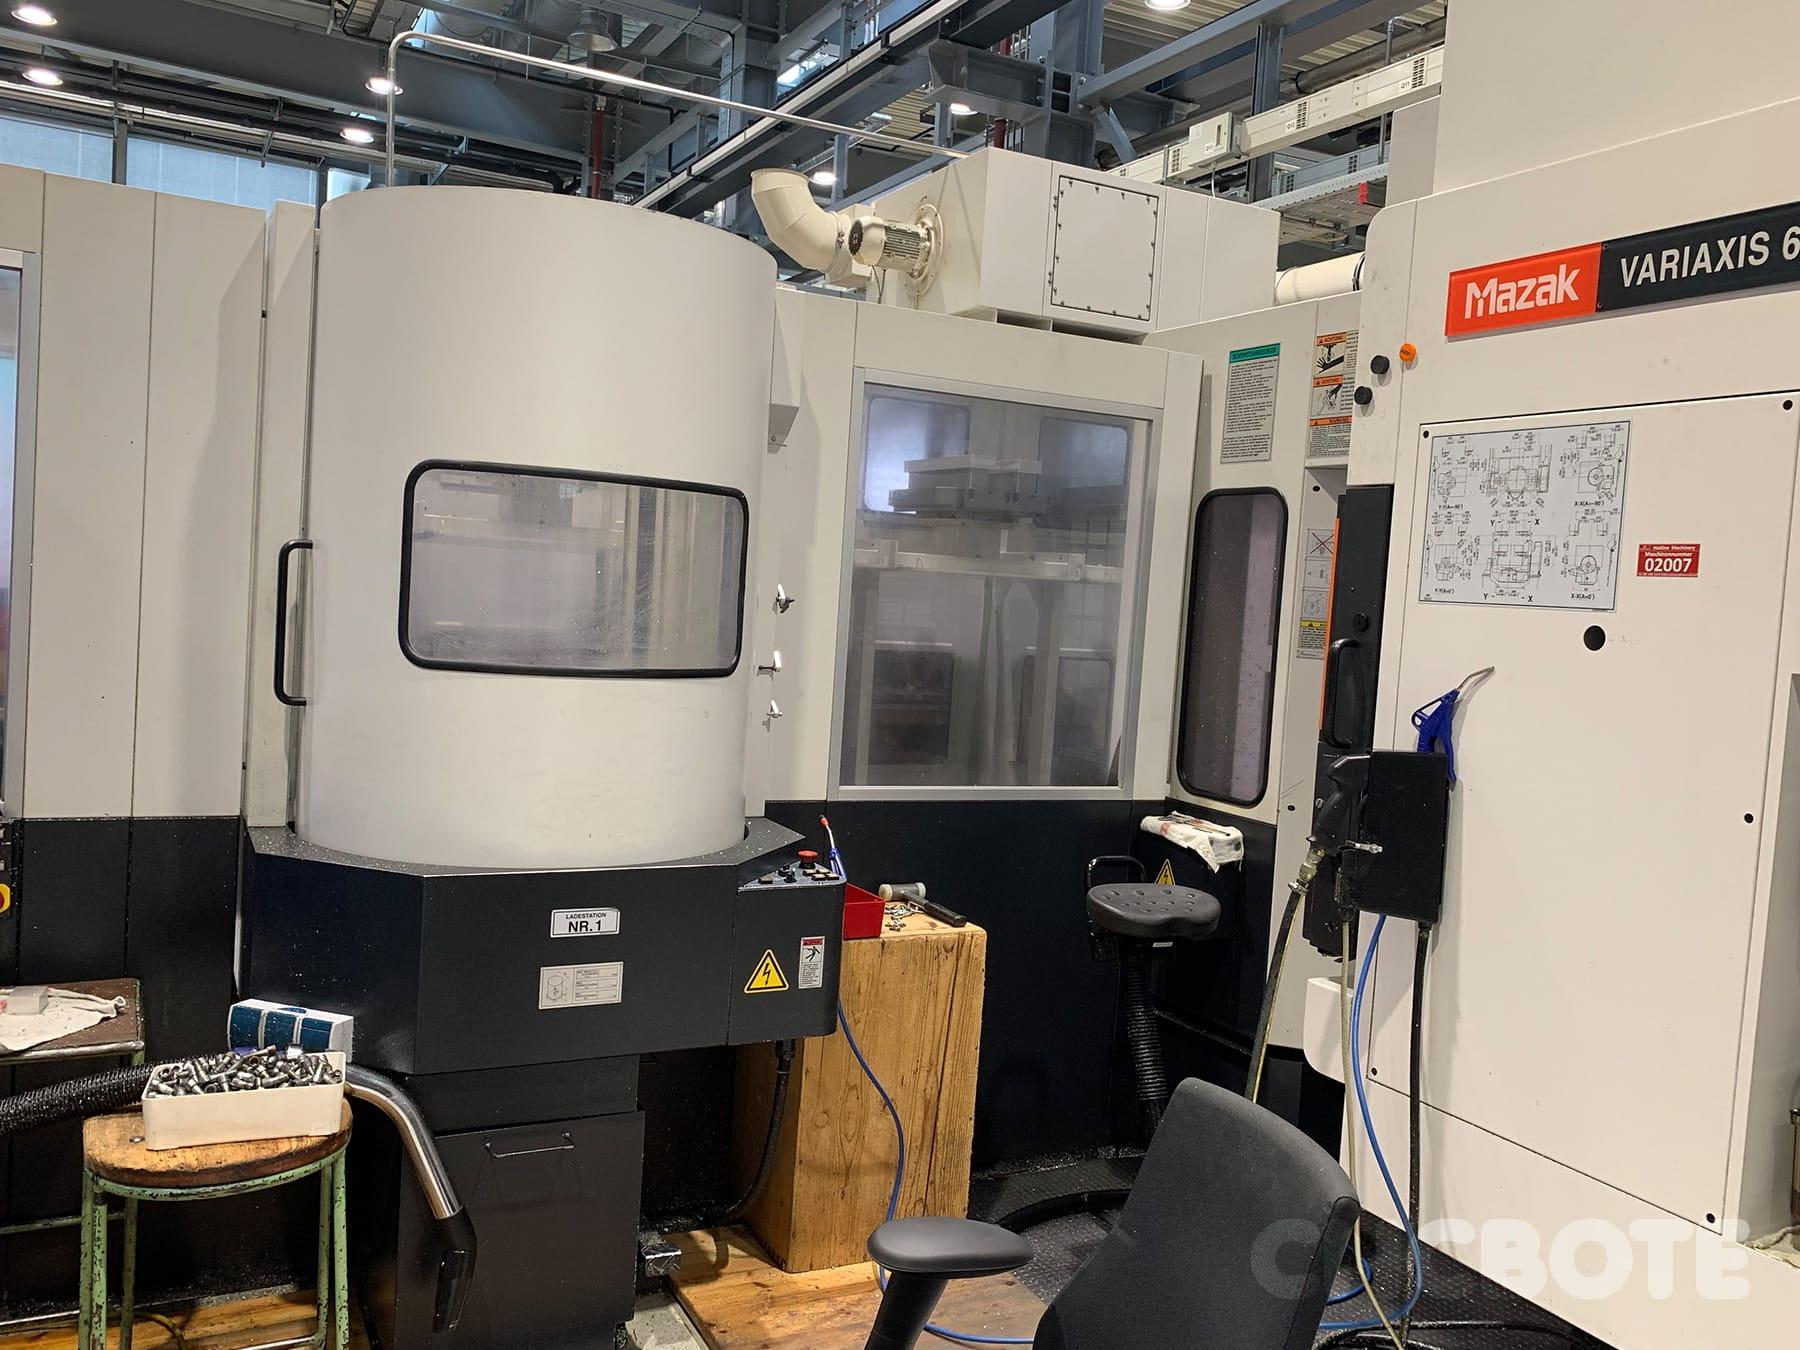 Mazak Variaxis 630-5X Bearbeitungszentrum